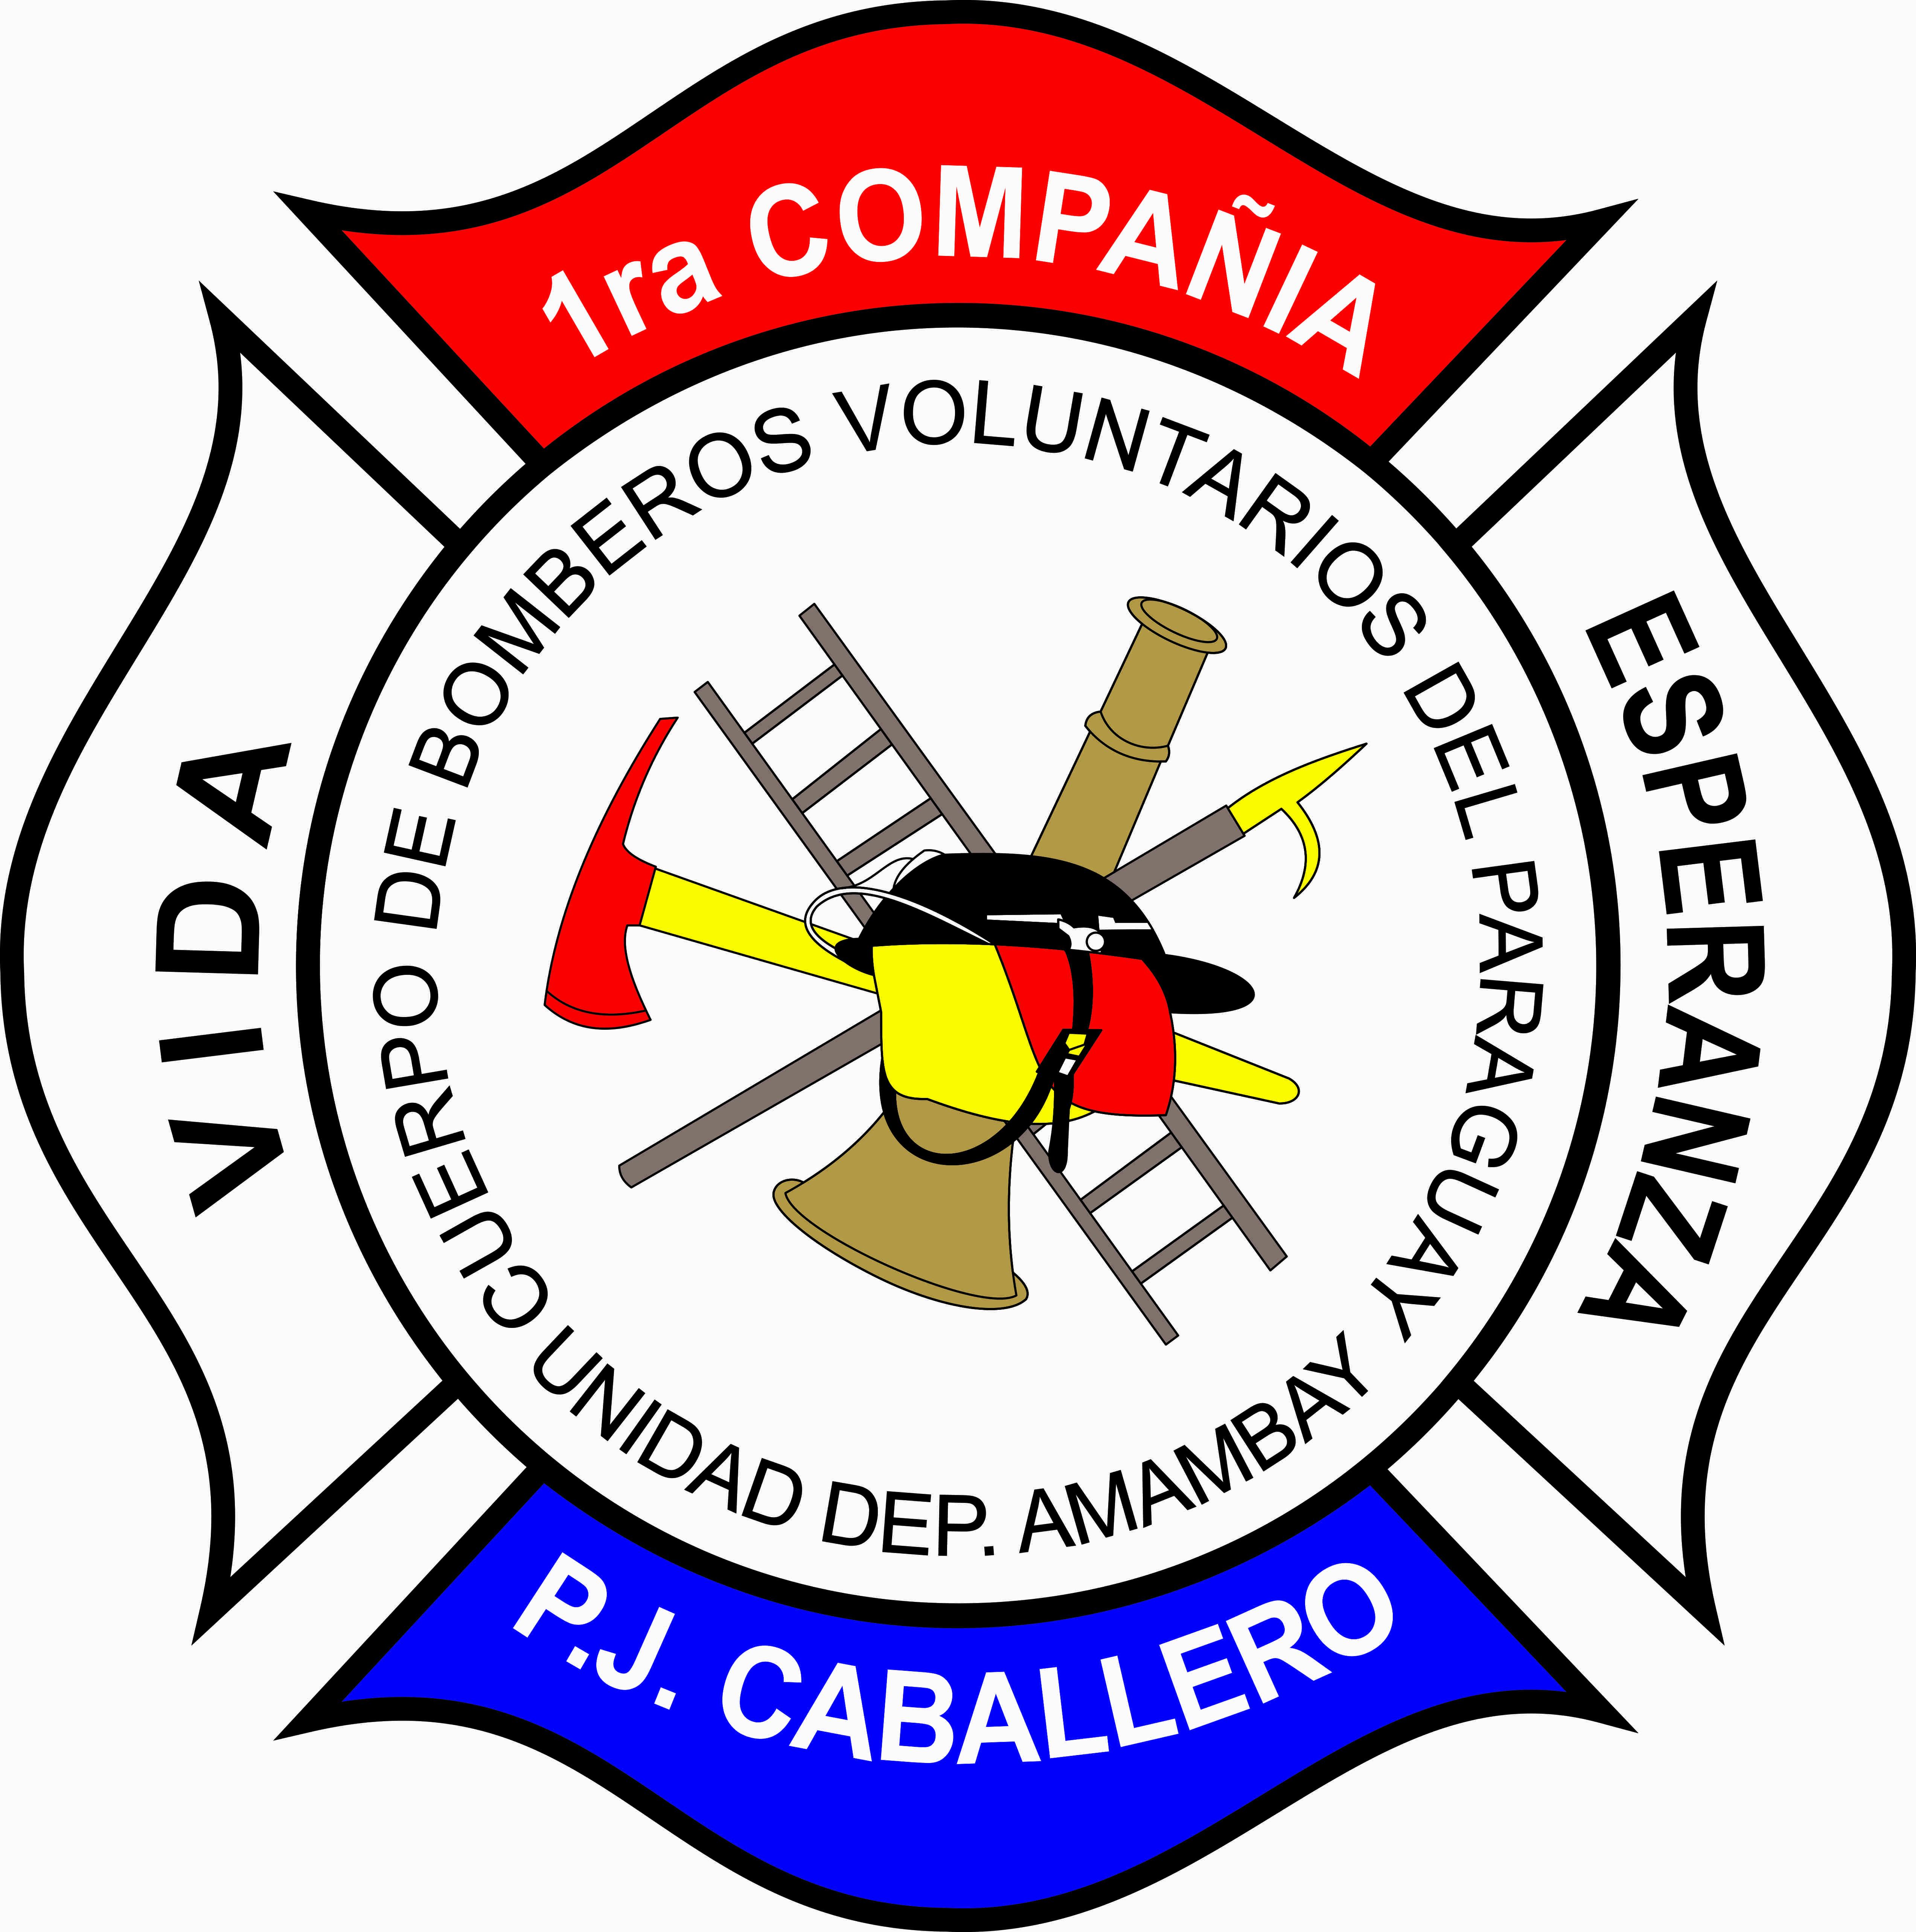 Cuerpo de Bomberos Voluntarios Unidad Dep. Amambay